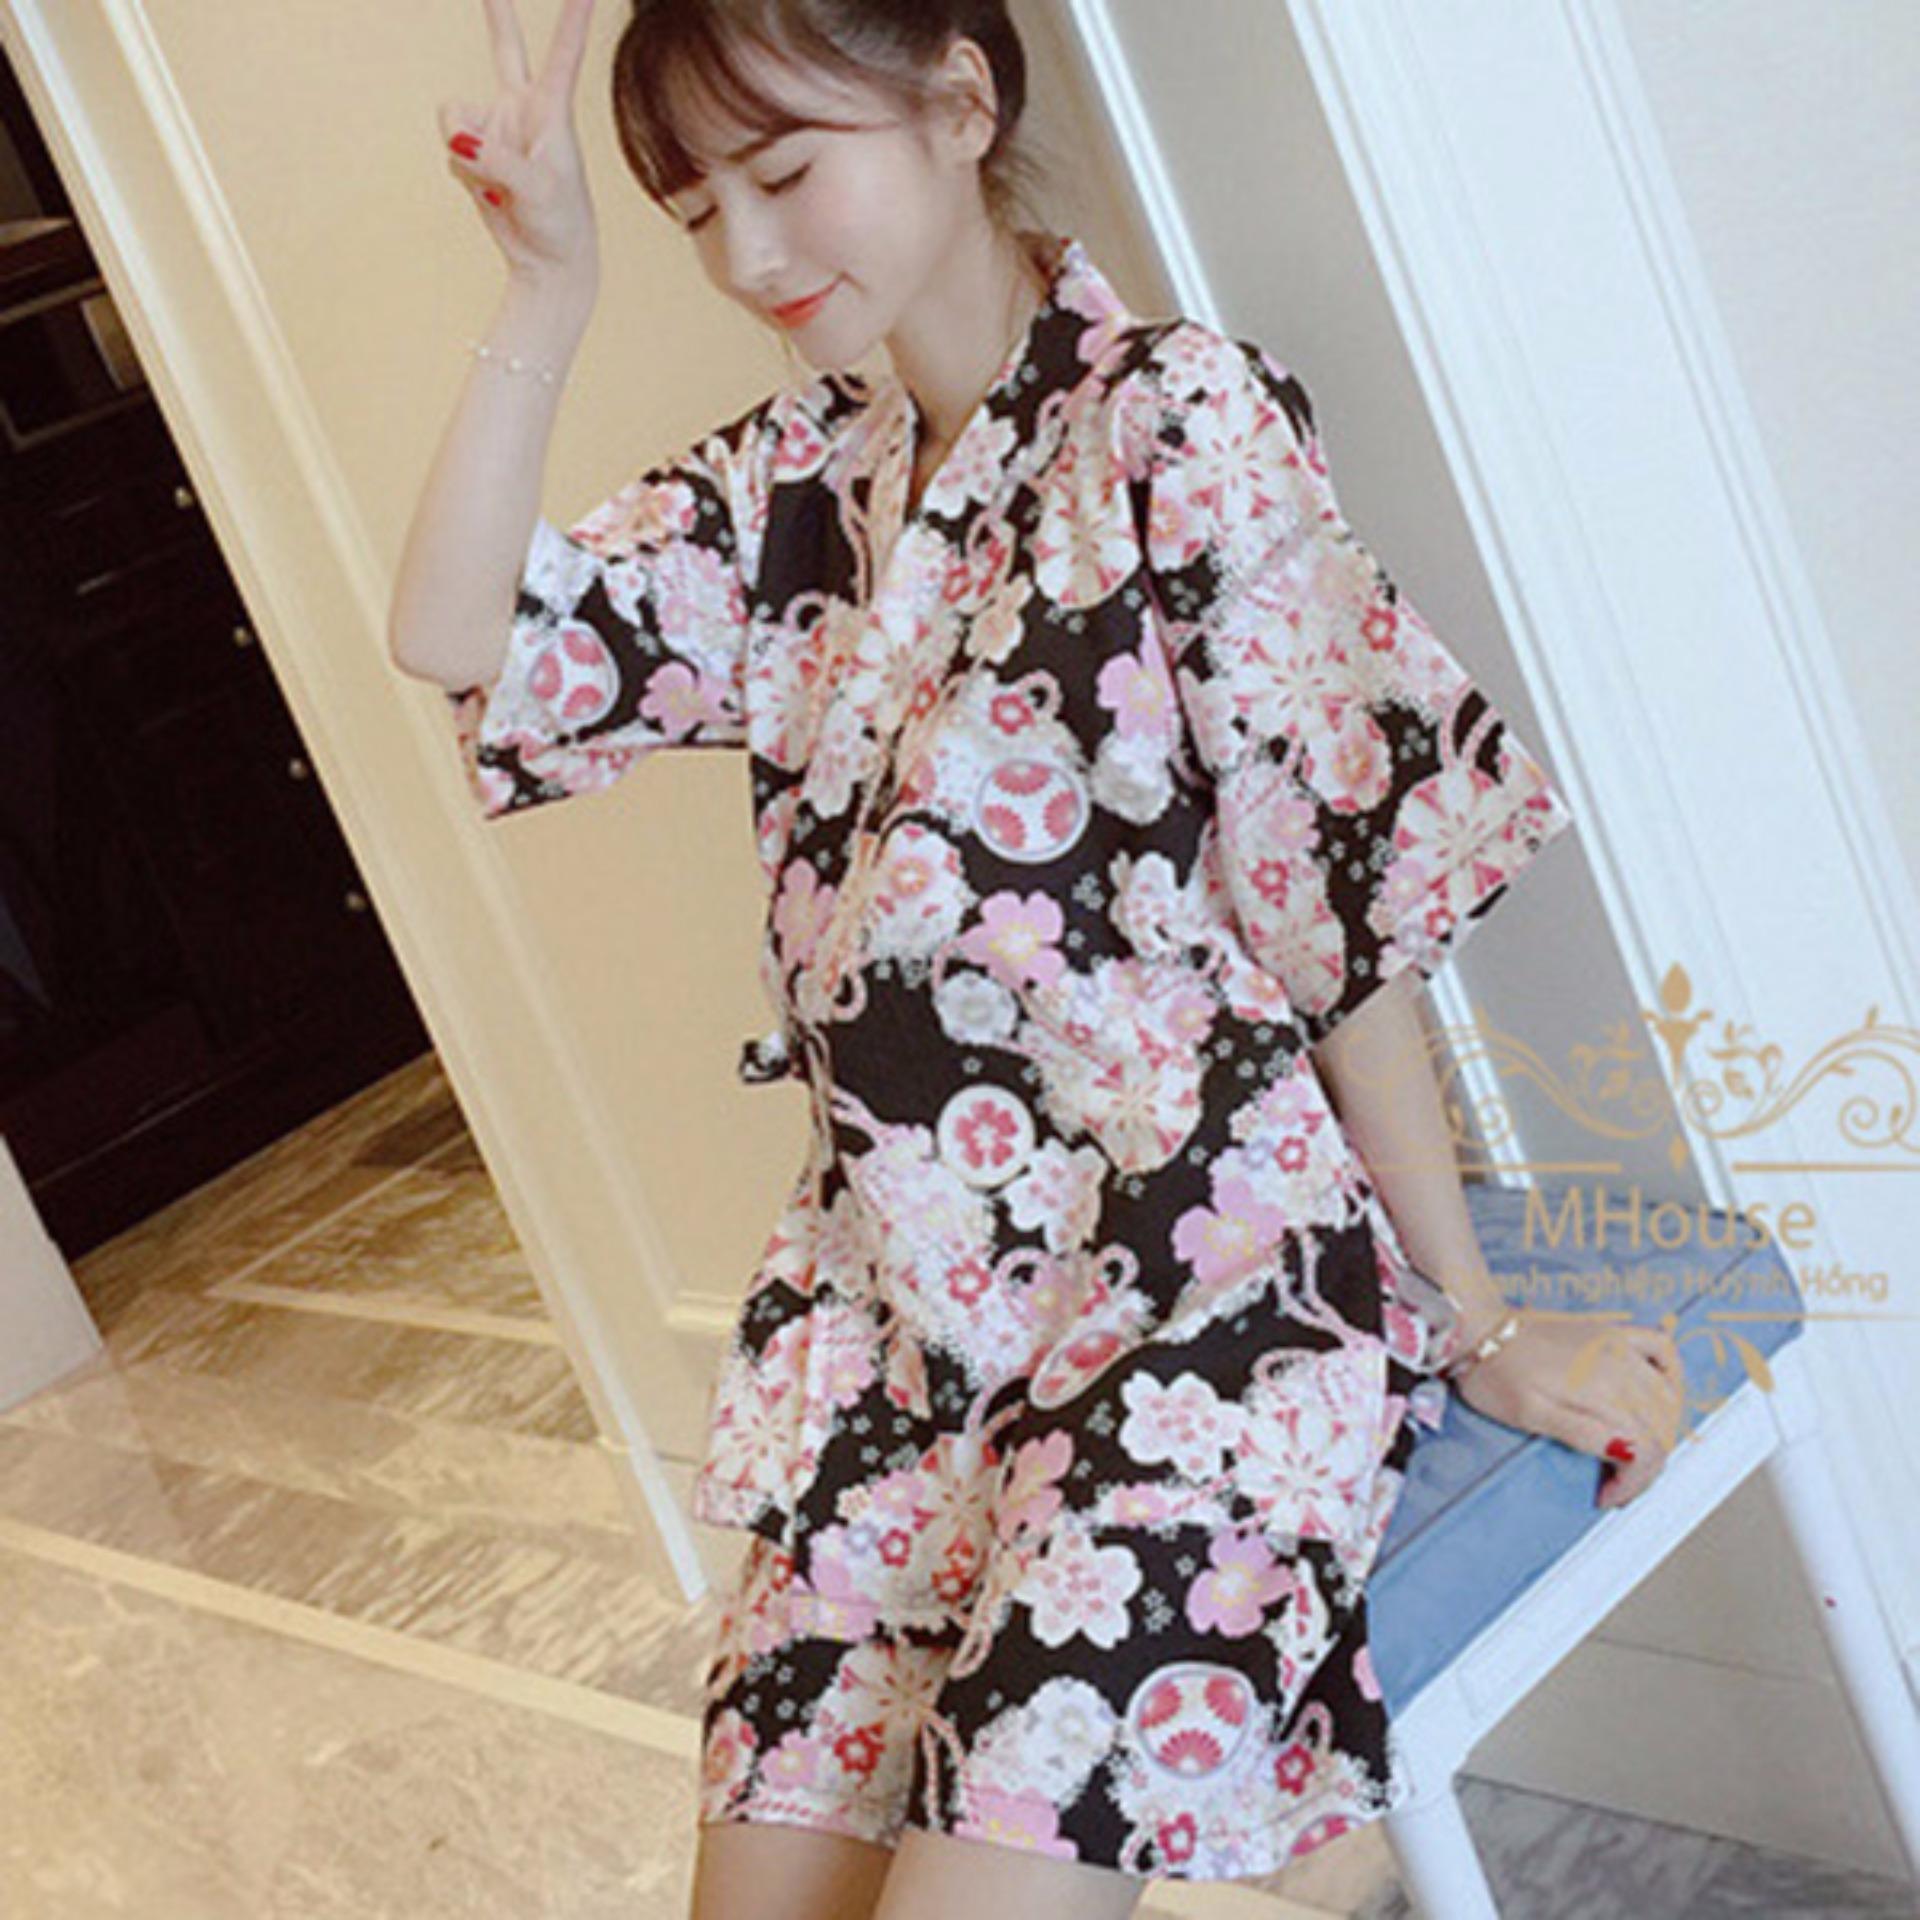 Chỗ bán Đồ bộ Kimono phong cách kiểu Nhật